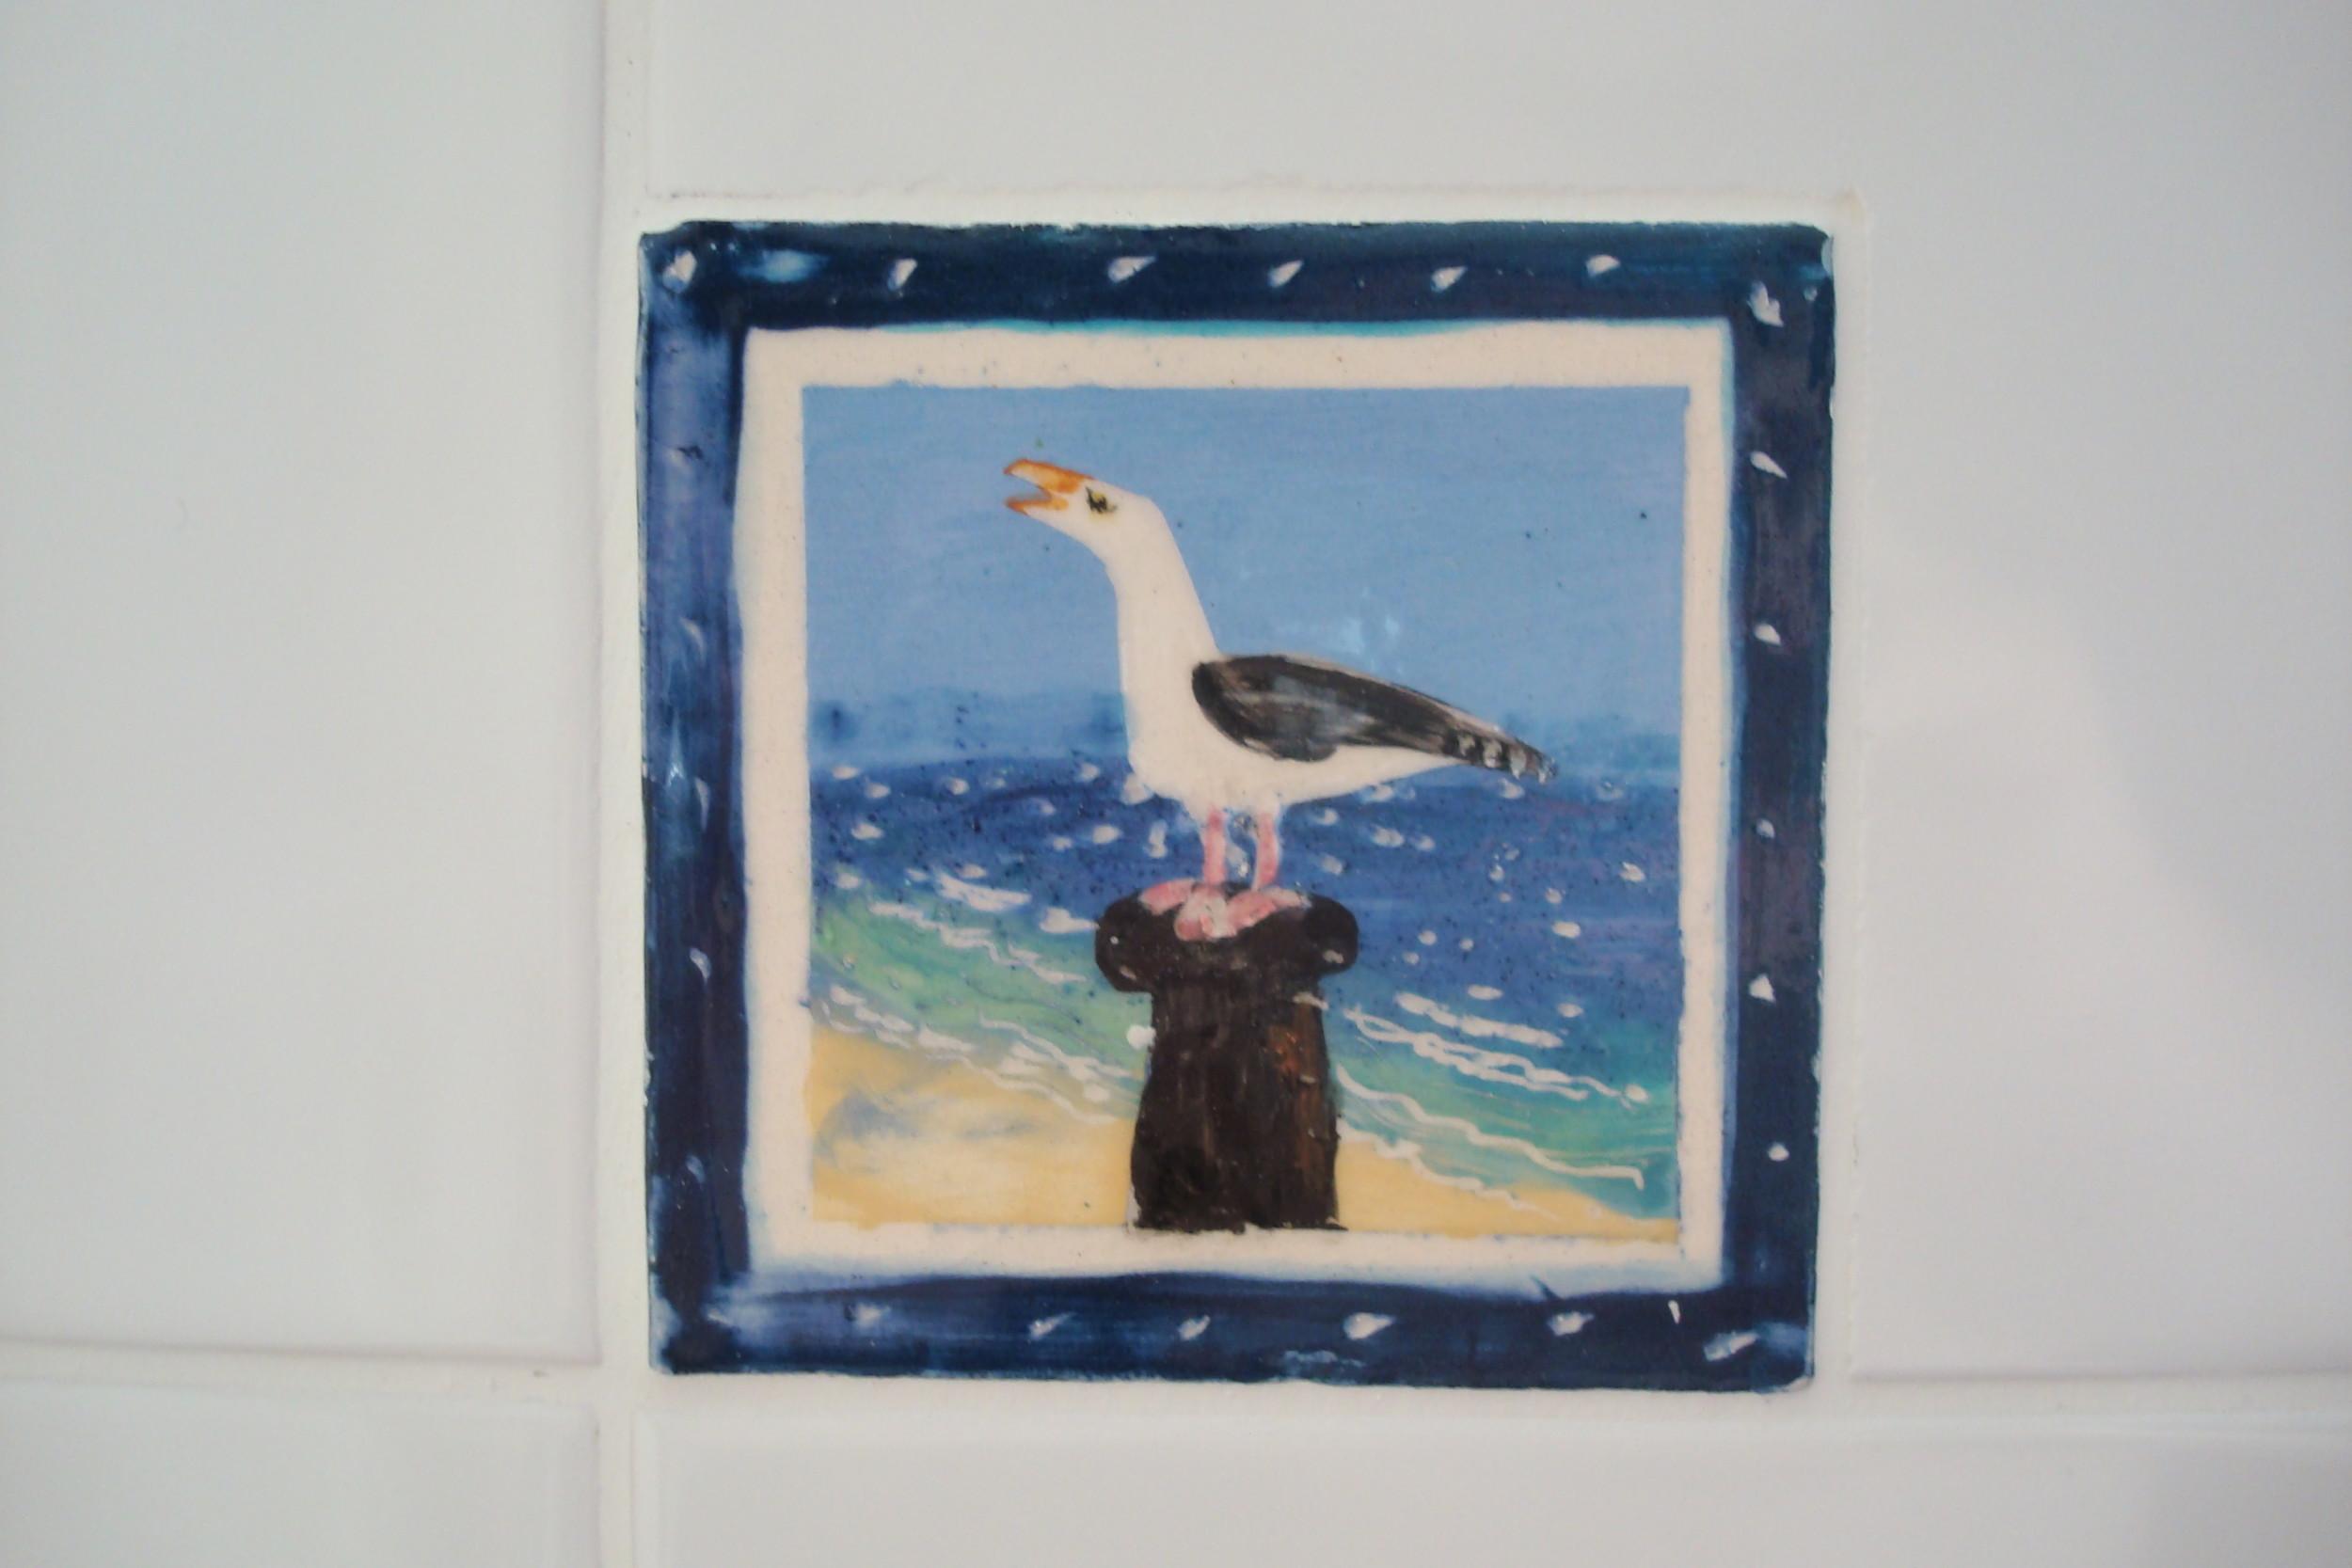 Seagul-in-shower.jpg